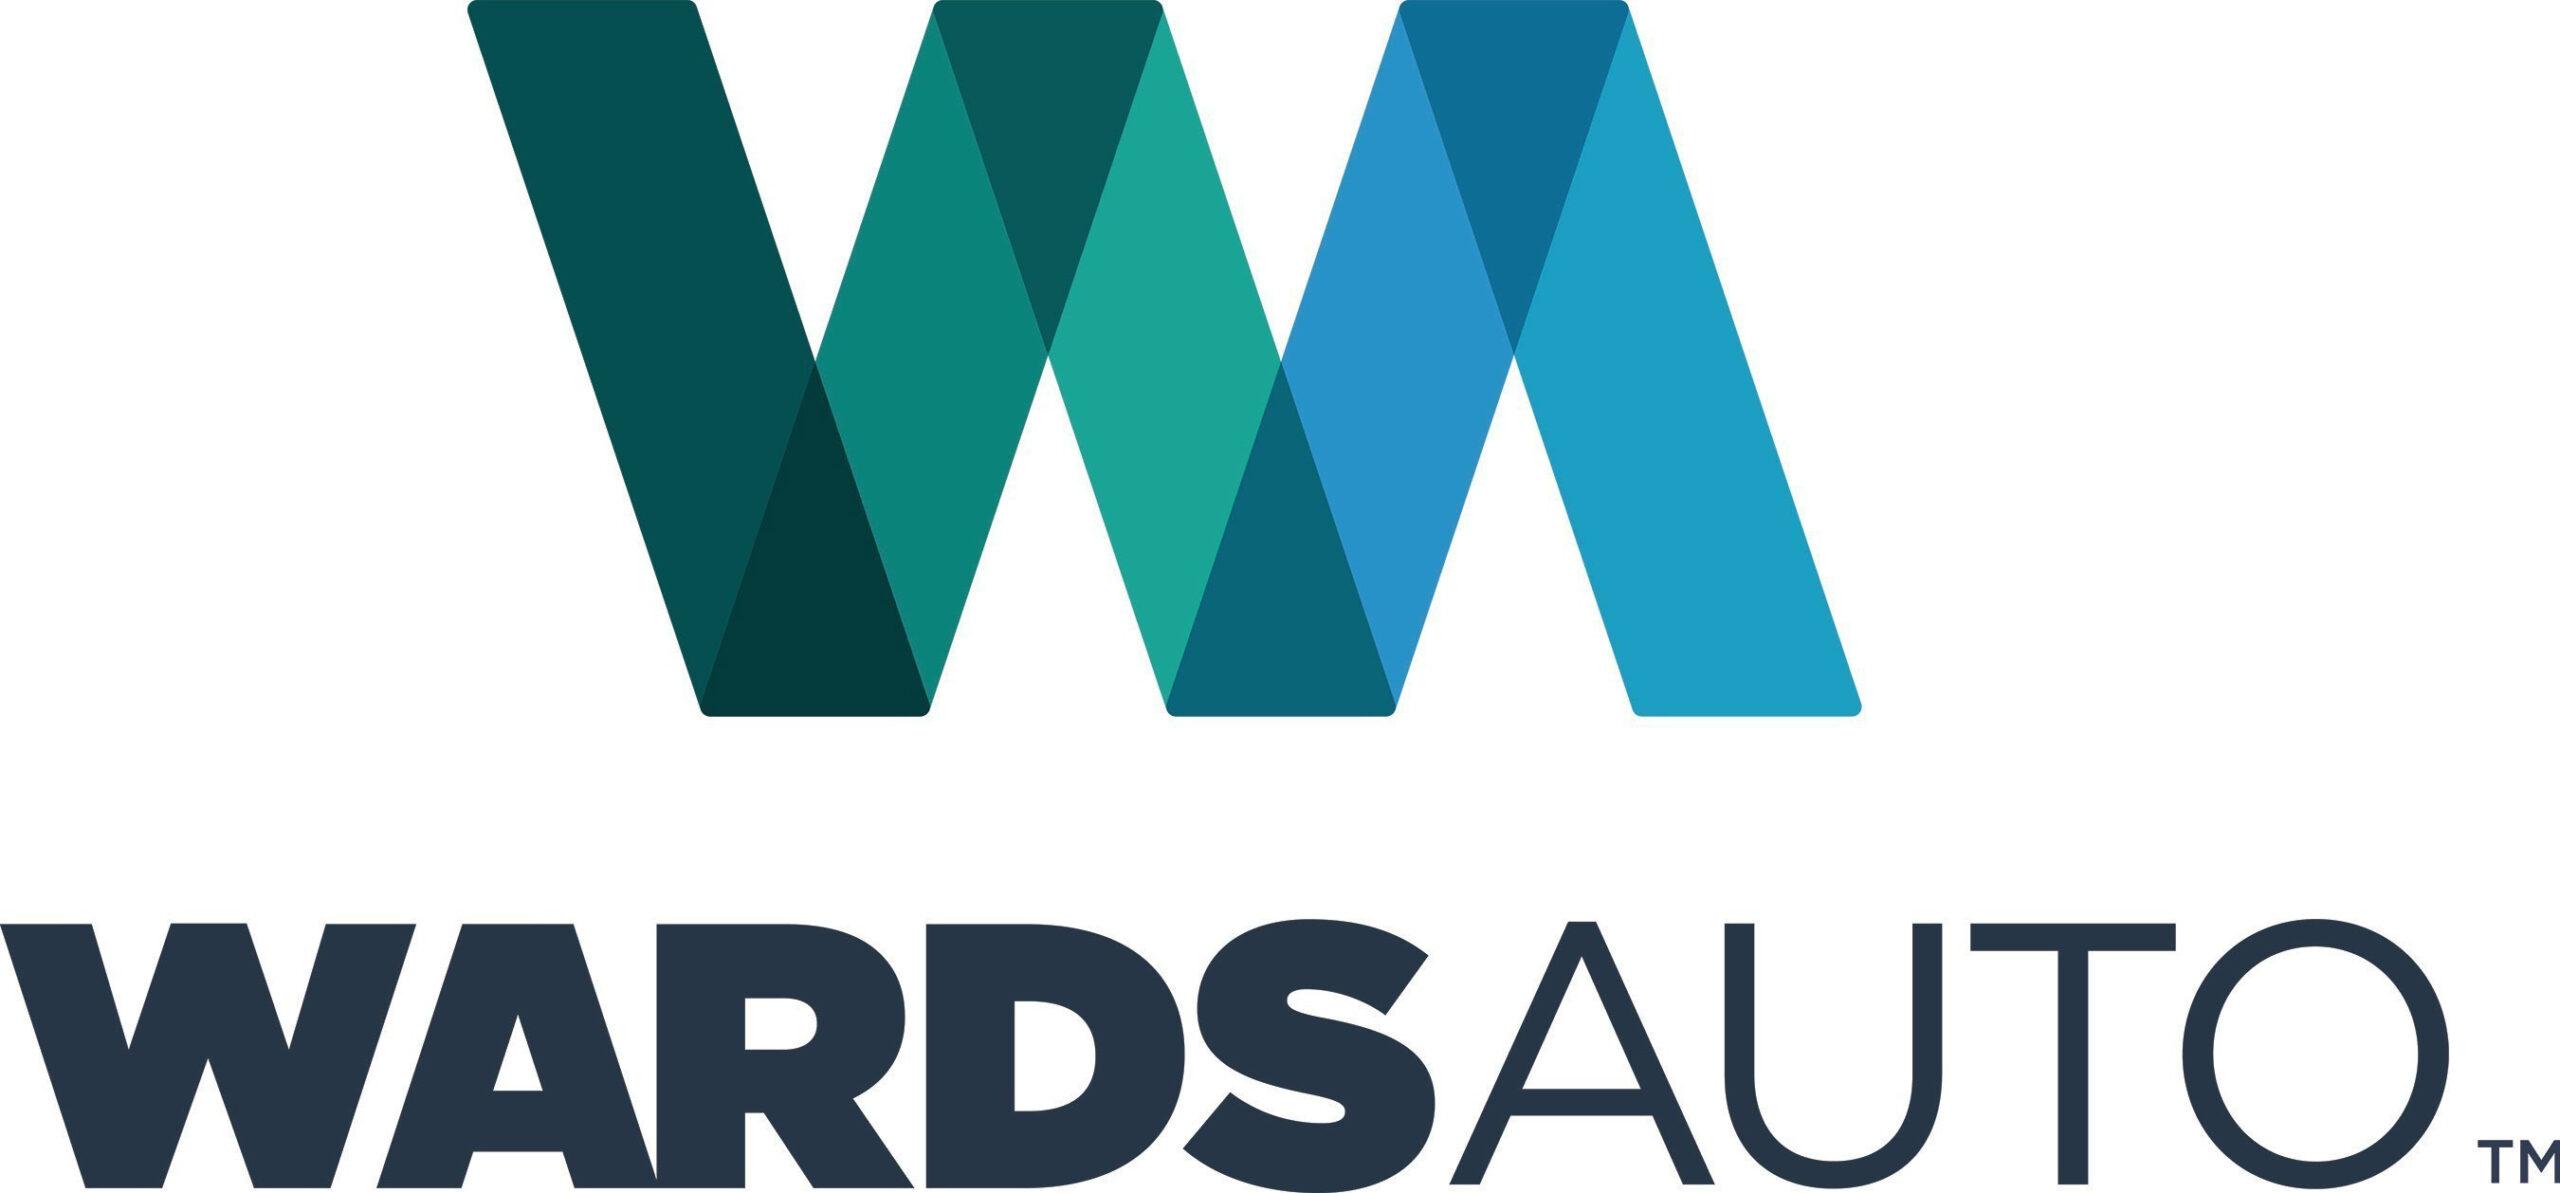 Penton's WardsAuto Expands Brand To Focus On Core Audience Needs (PRNewsFoto/Penton)